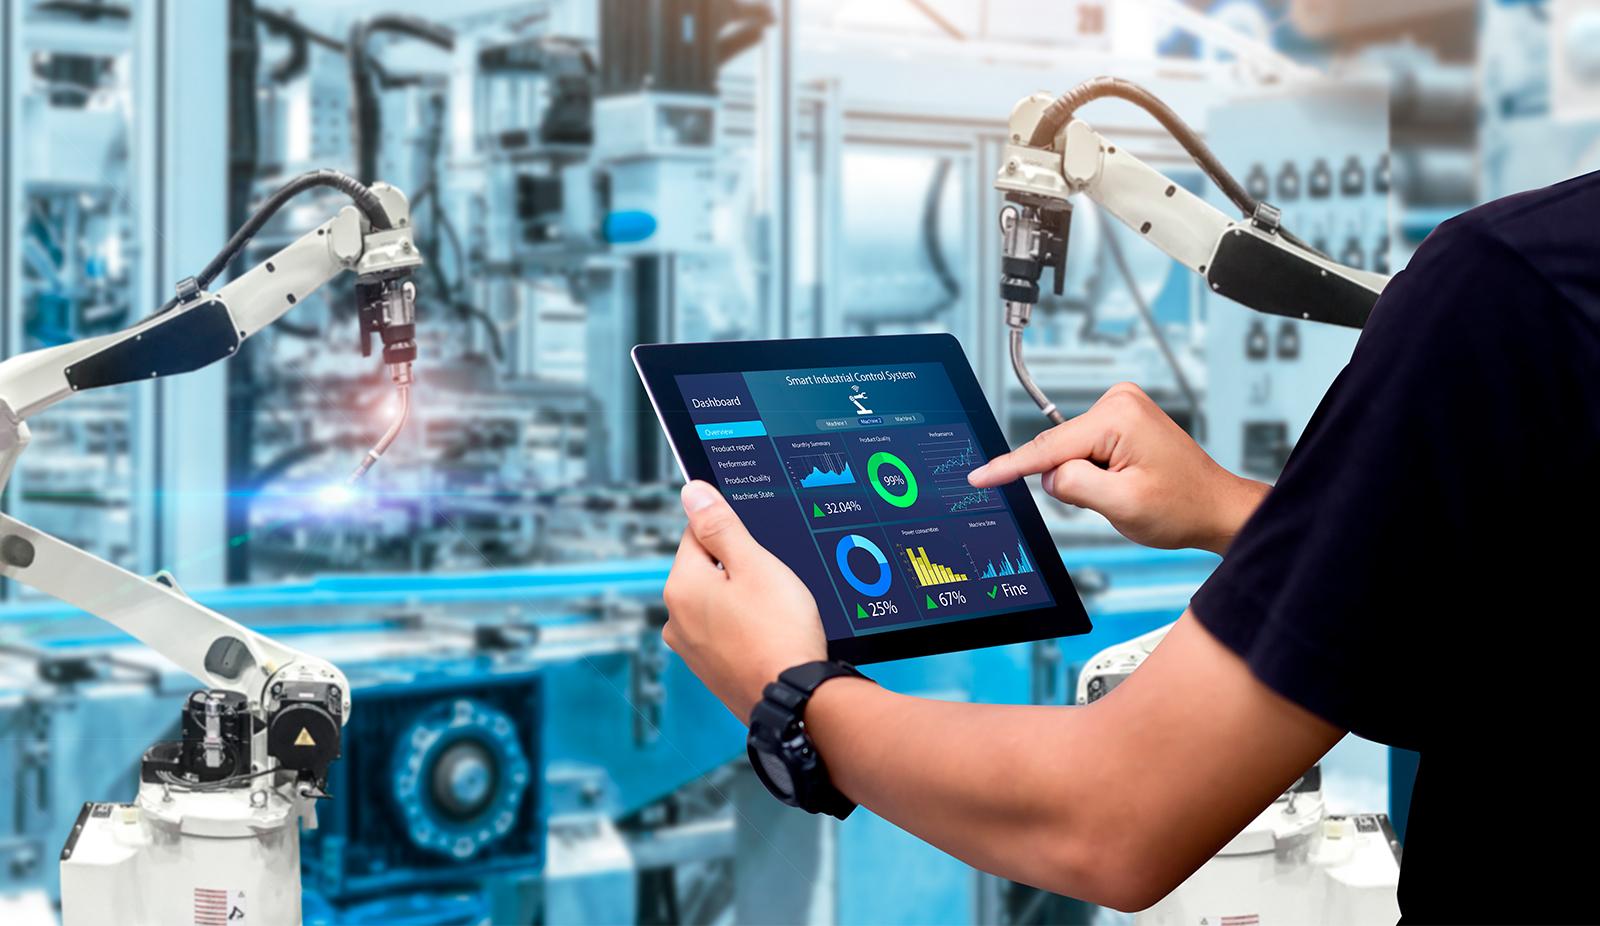 Las fábricas inteligentes: Presente y Futuro en la industria 4.0